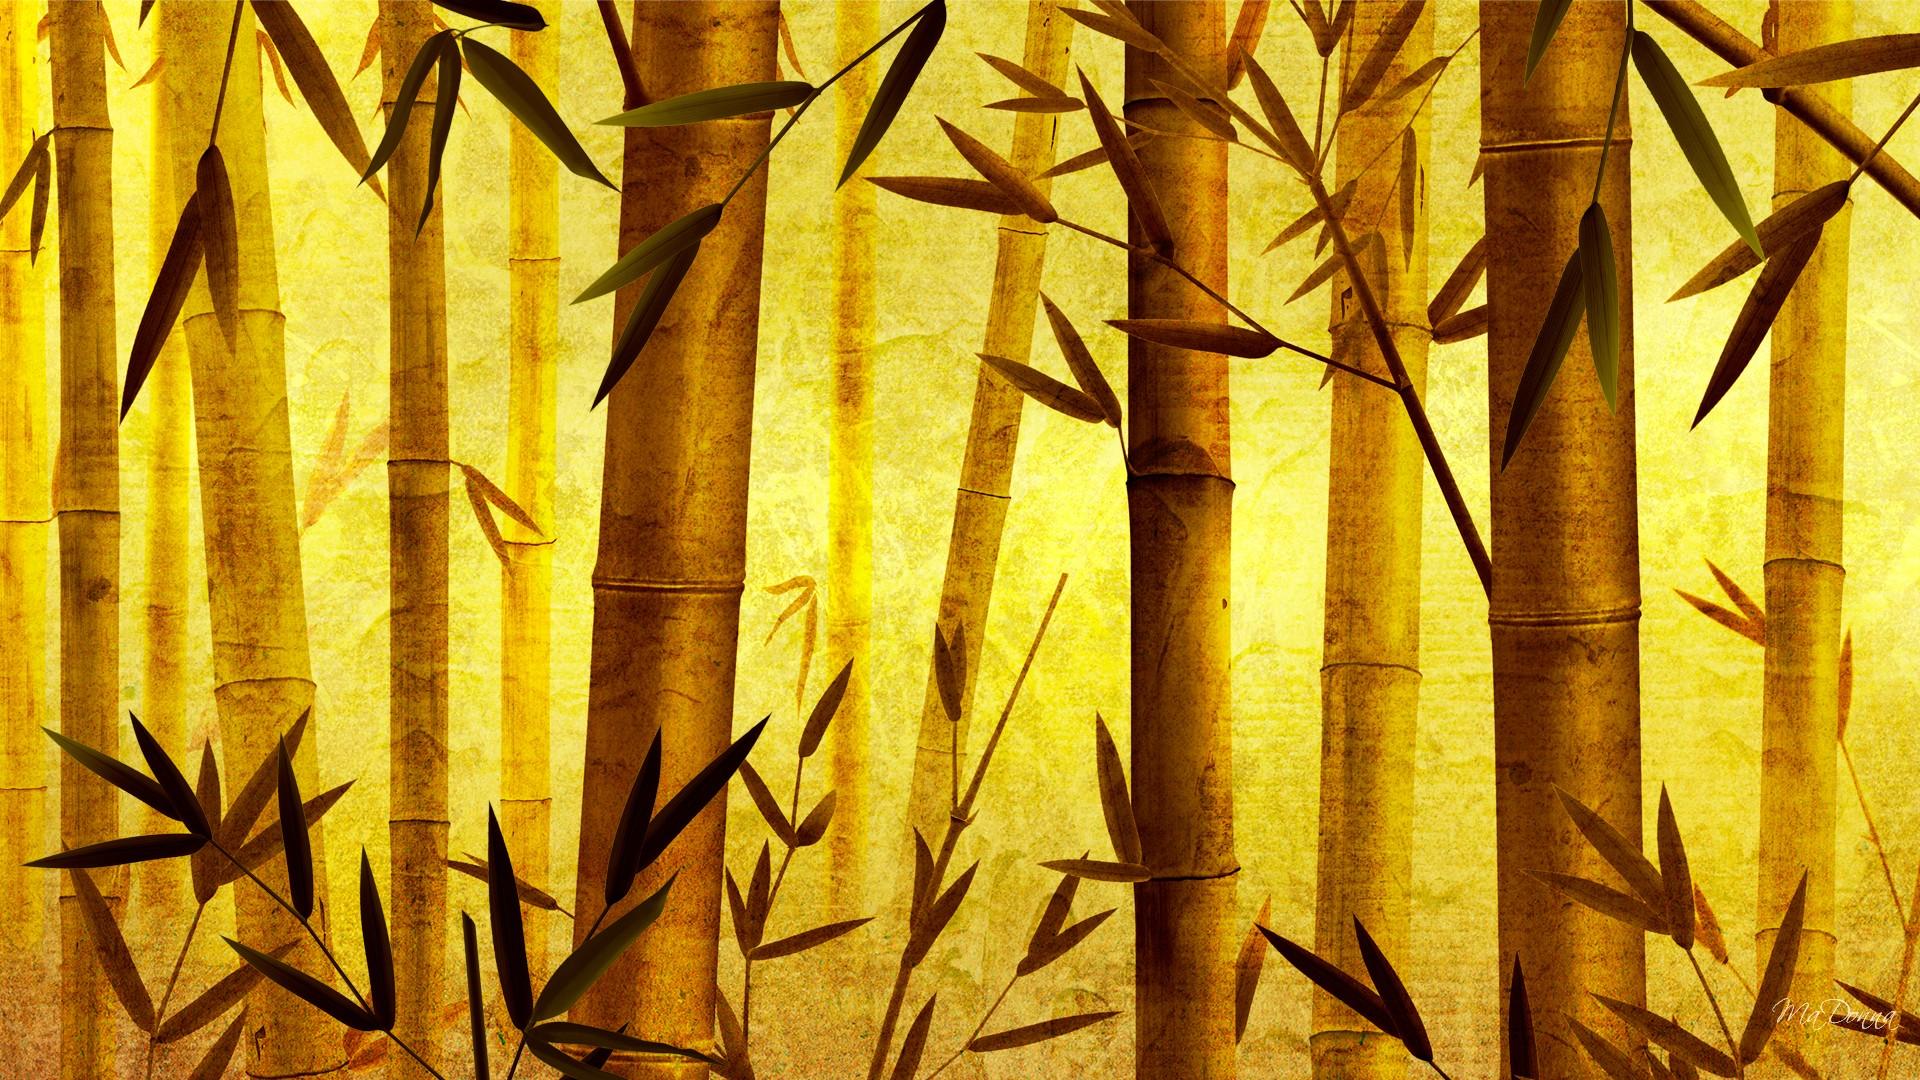 Fall Halloween Desktop Wallpaper Hd Bamboo Backgrounds Download Pixelstalk Net